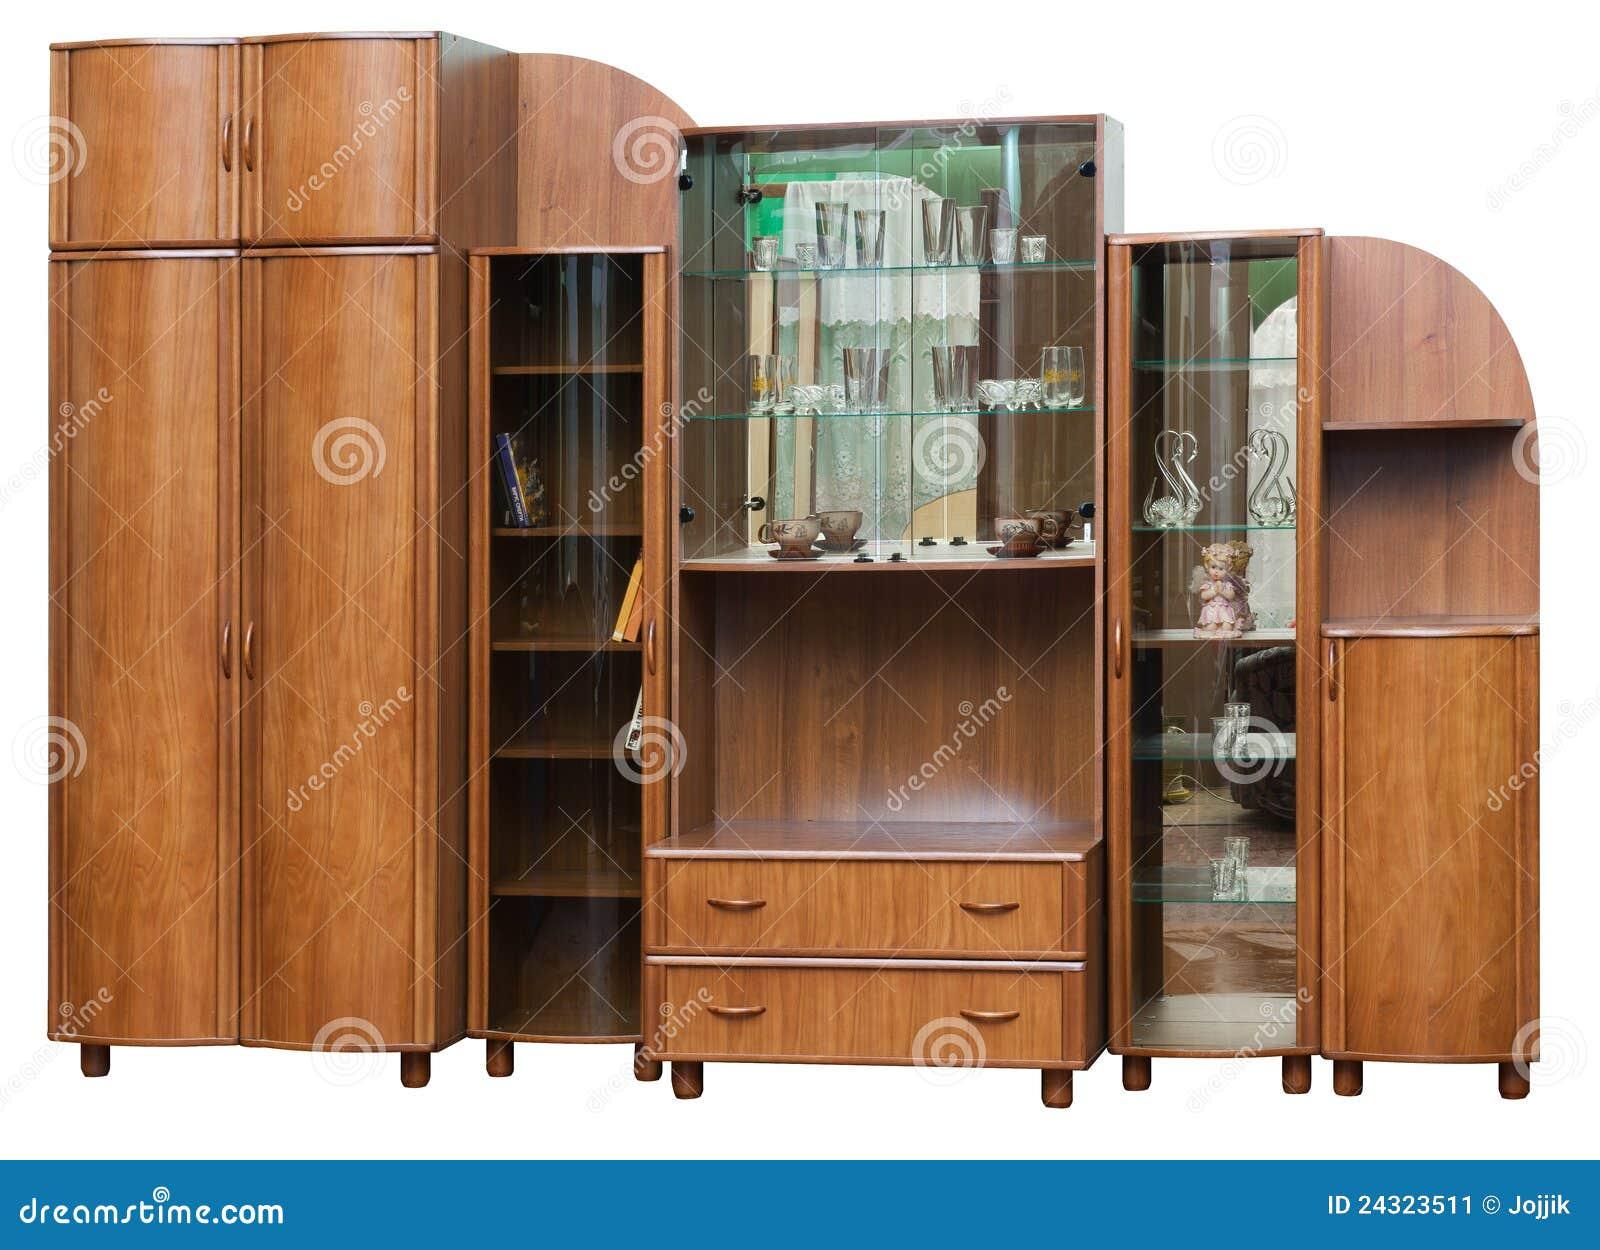 Armário De Madeira Com Portas De Vidro Imagem de Stock Imagem  #995F32 1300x1033